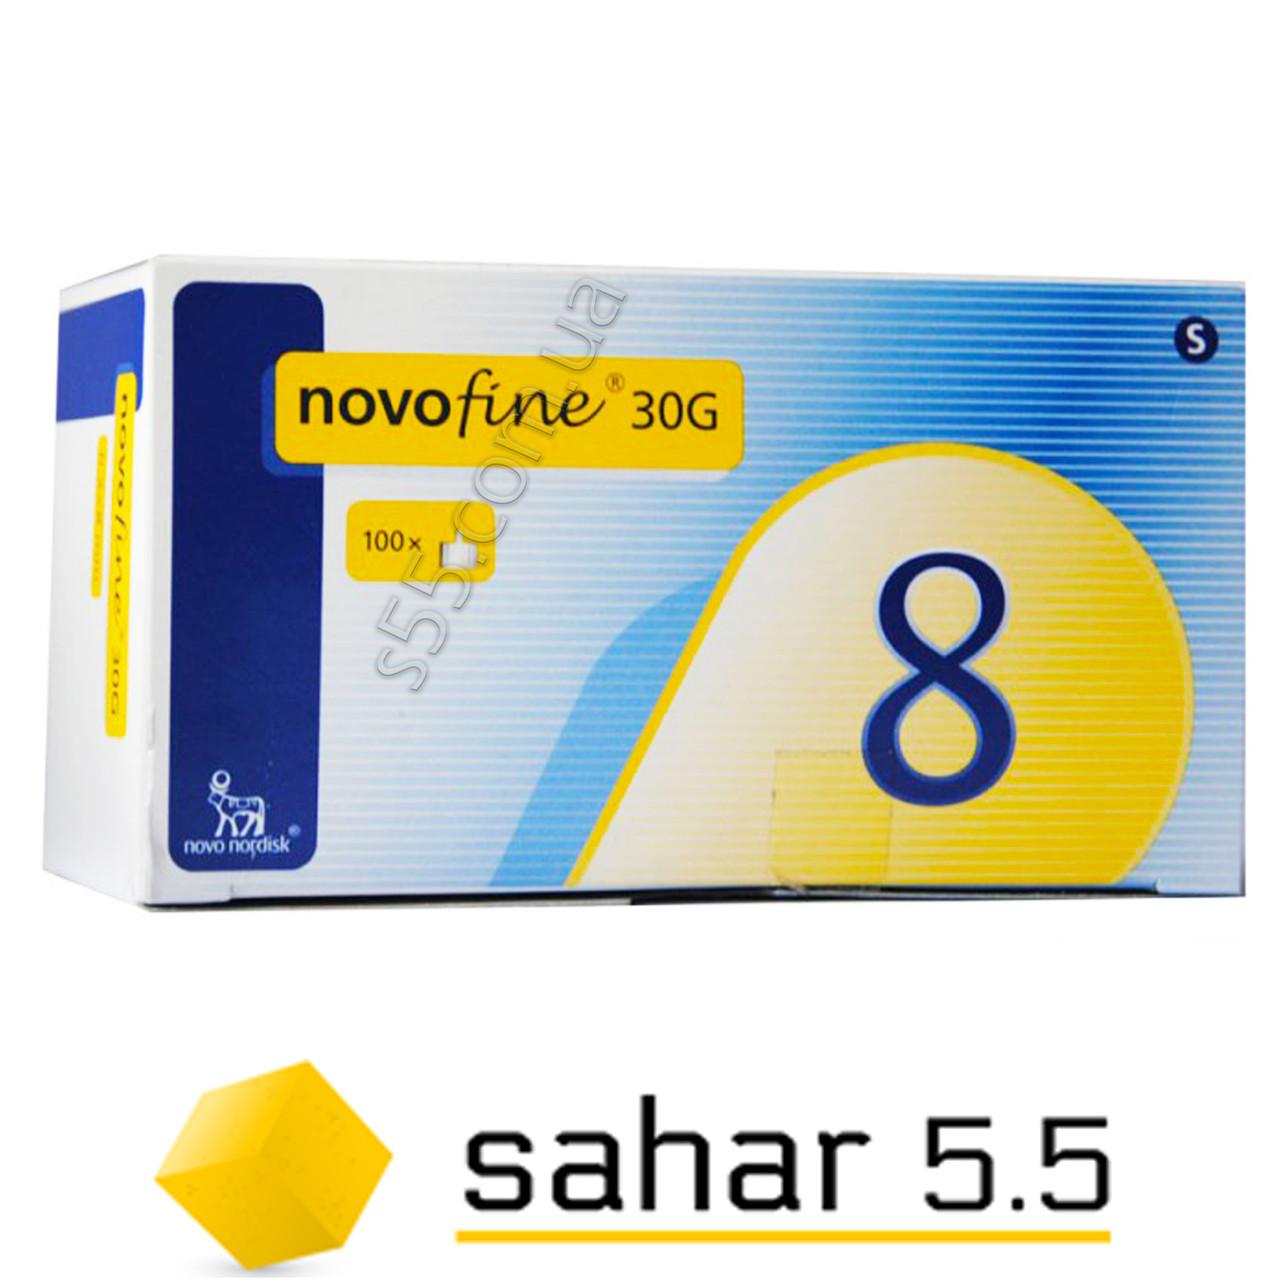 Иглы инсулиновые Новофайн 8мм, 100шт. - Novofine 30G